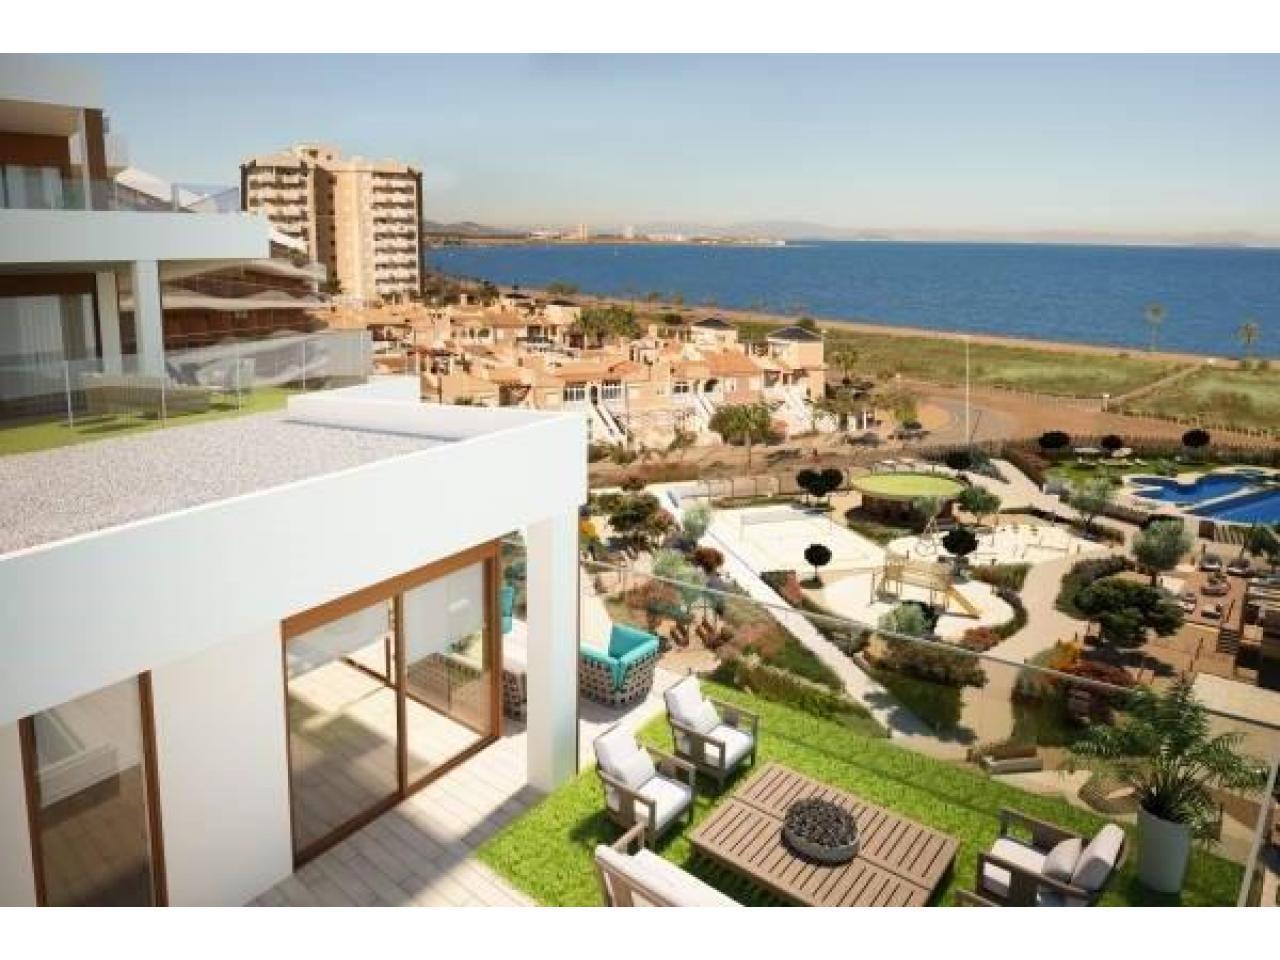 Недвижимость в Испании, Новые квартиры на первой линии пляжа от застройщика в Ла Манга - 4